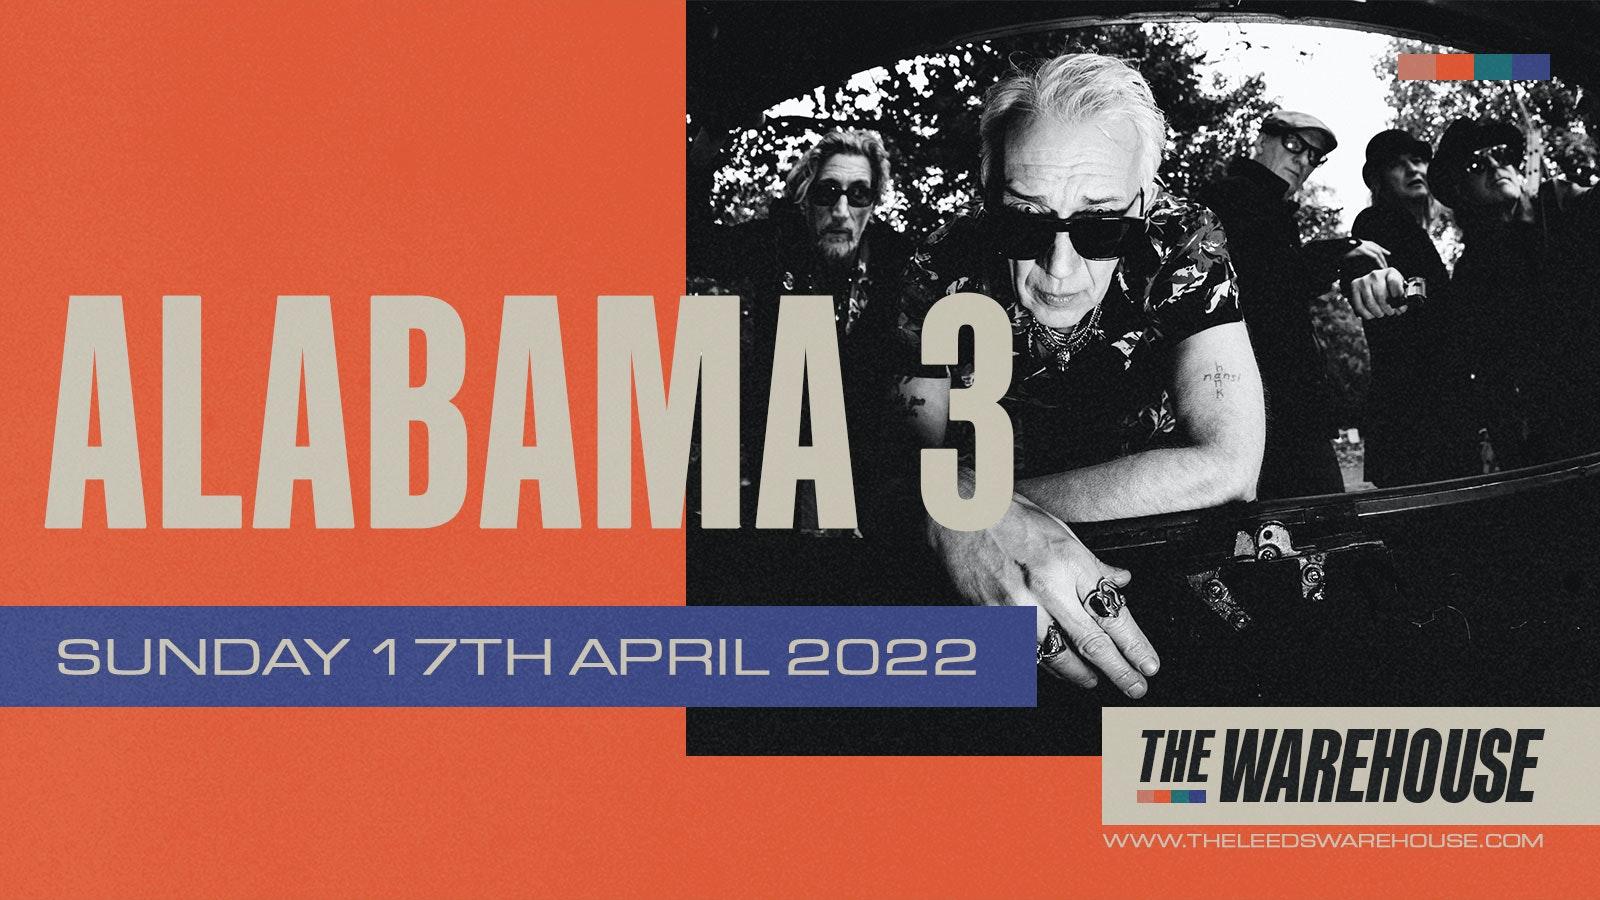 Alabama 3 – Live